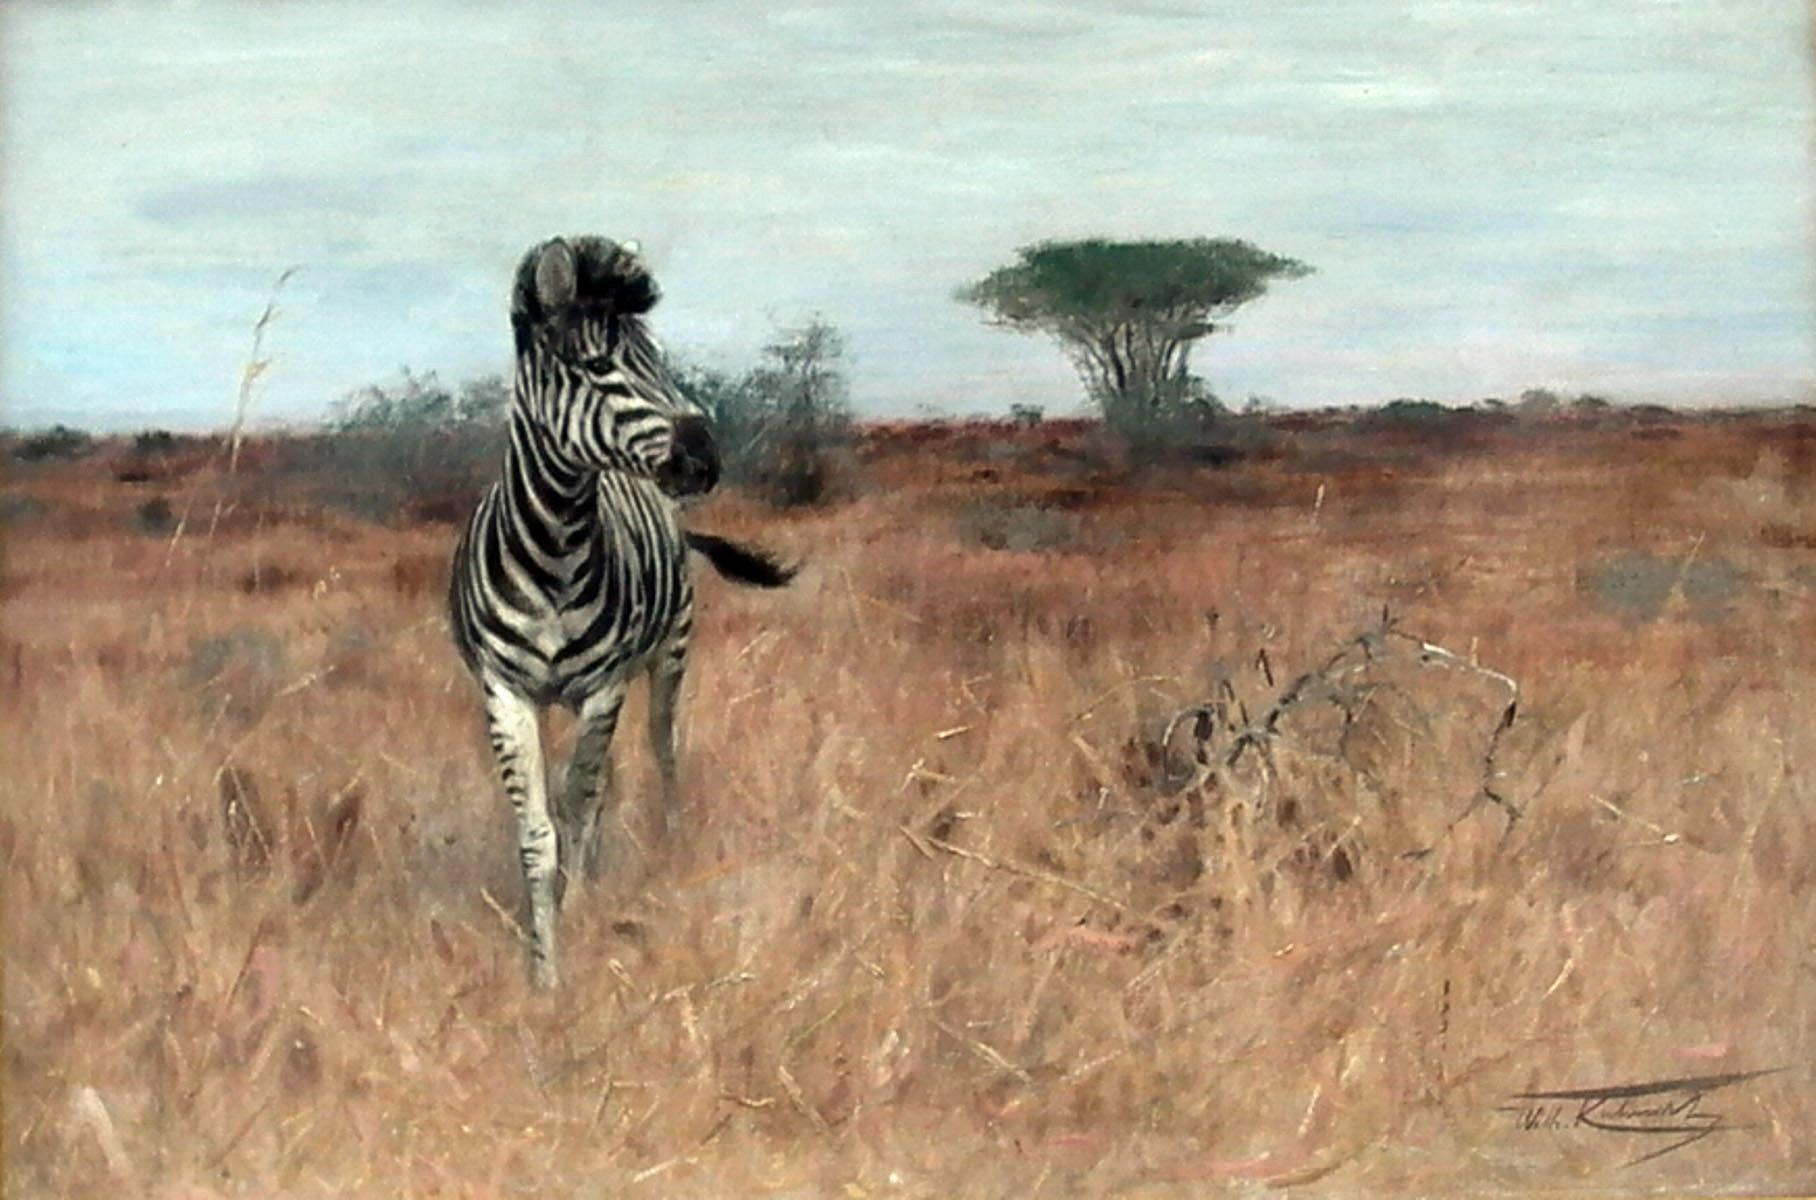 kuhnert_zebra